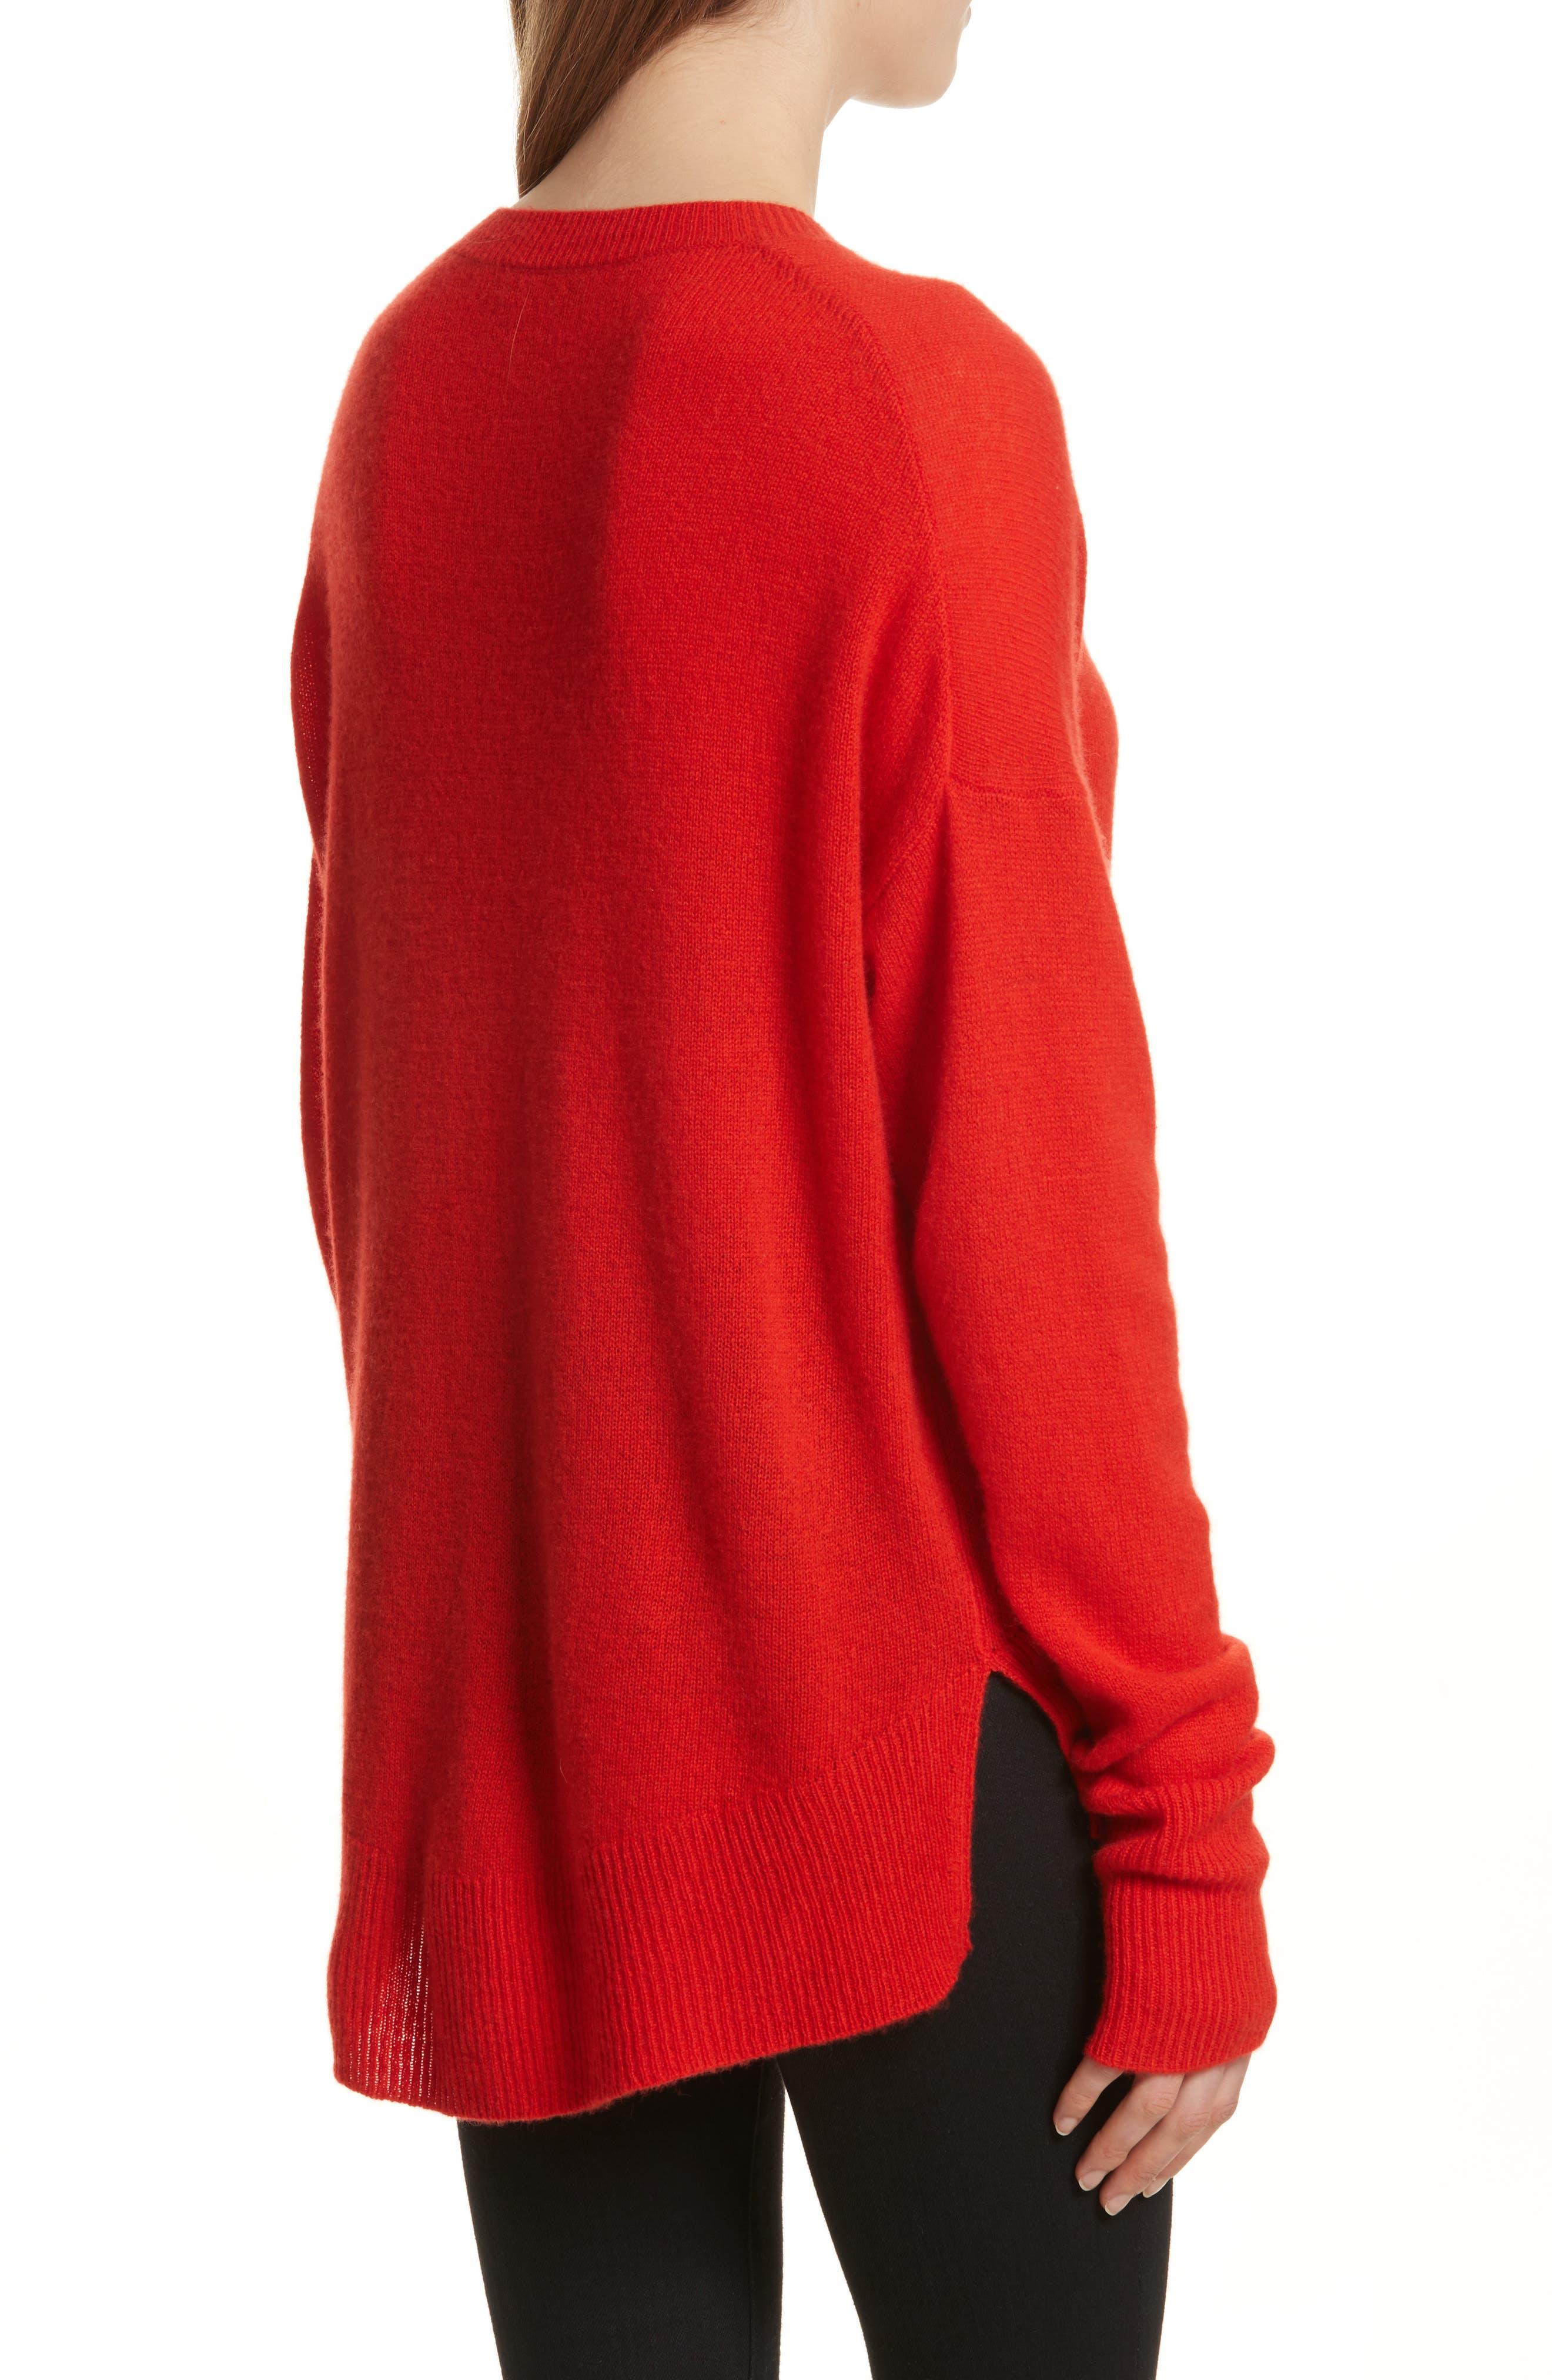 Karenia L Cashmere Sweater,                             Alternate thumbnail 2, color,                             Bight Tomato